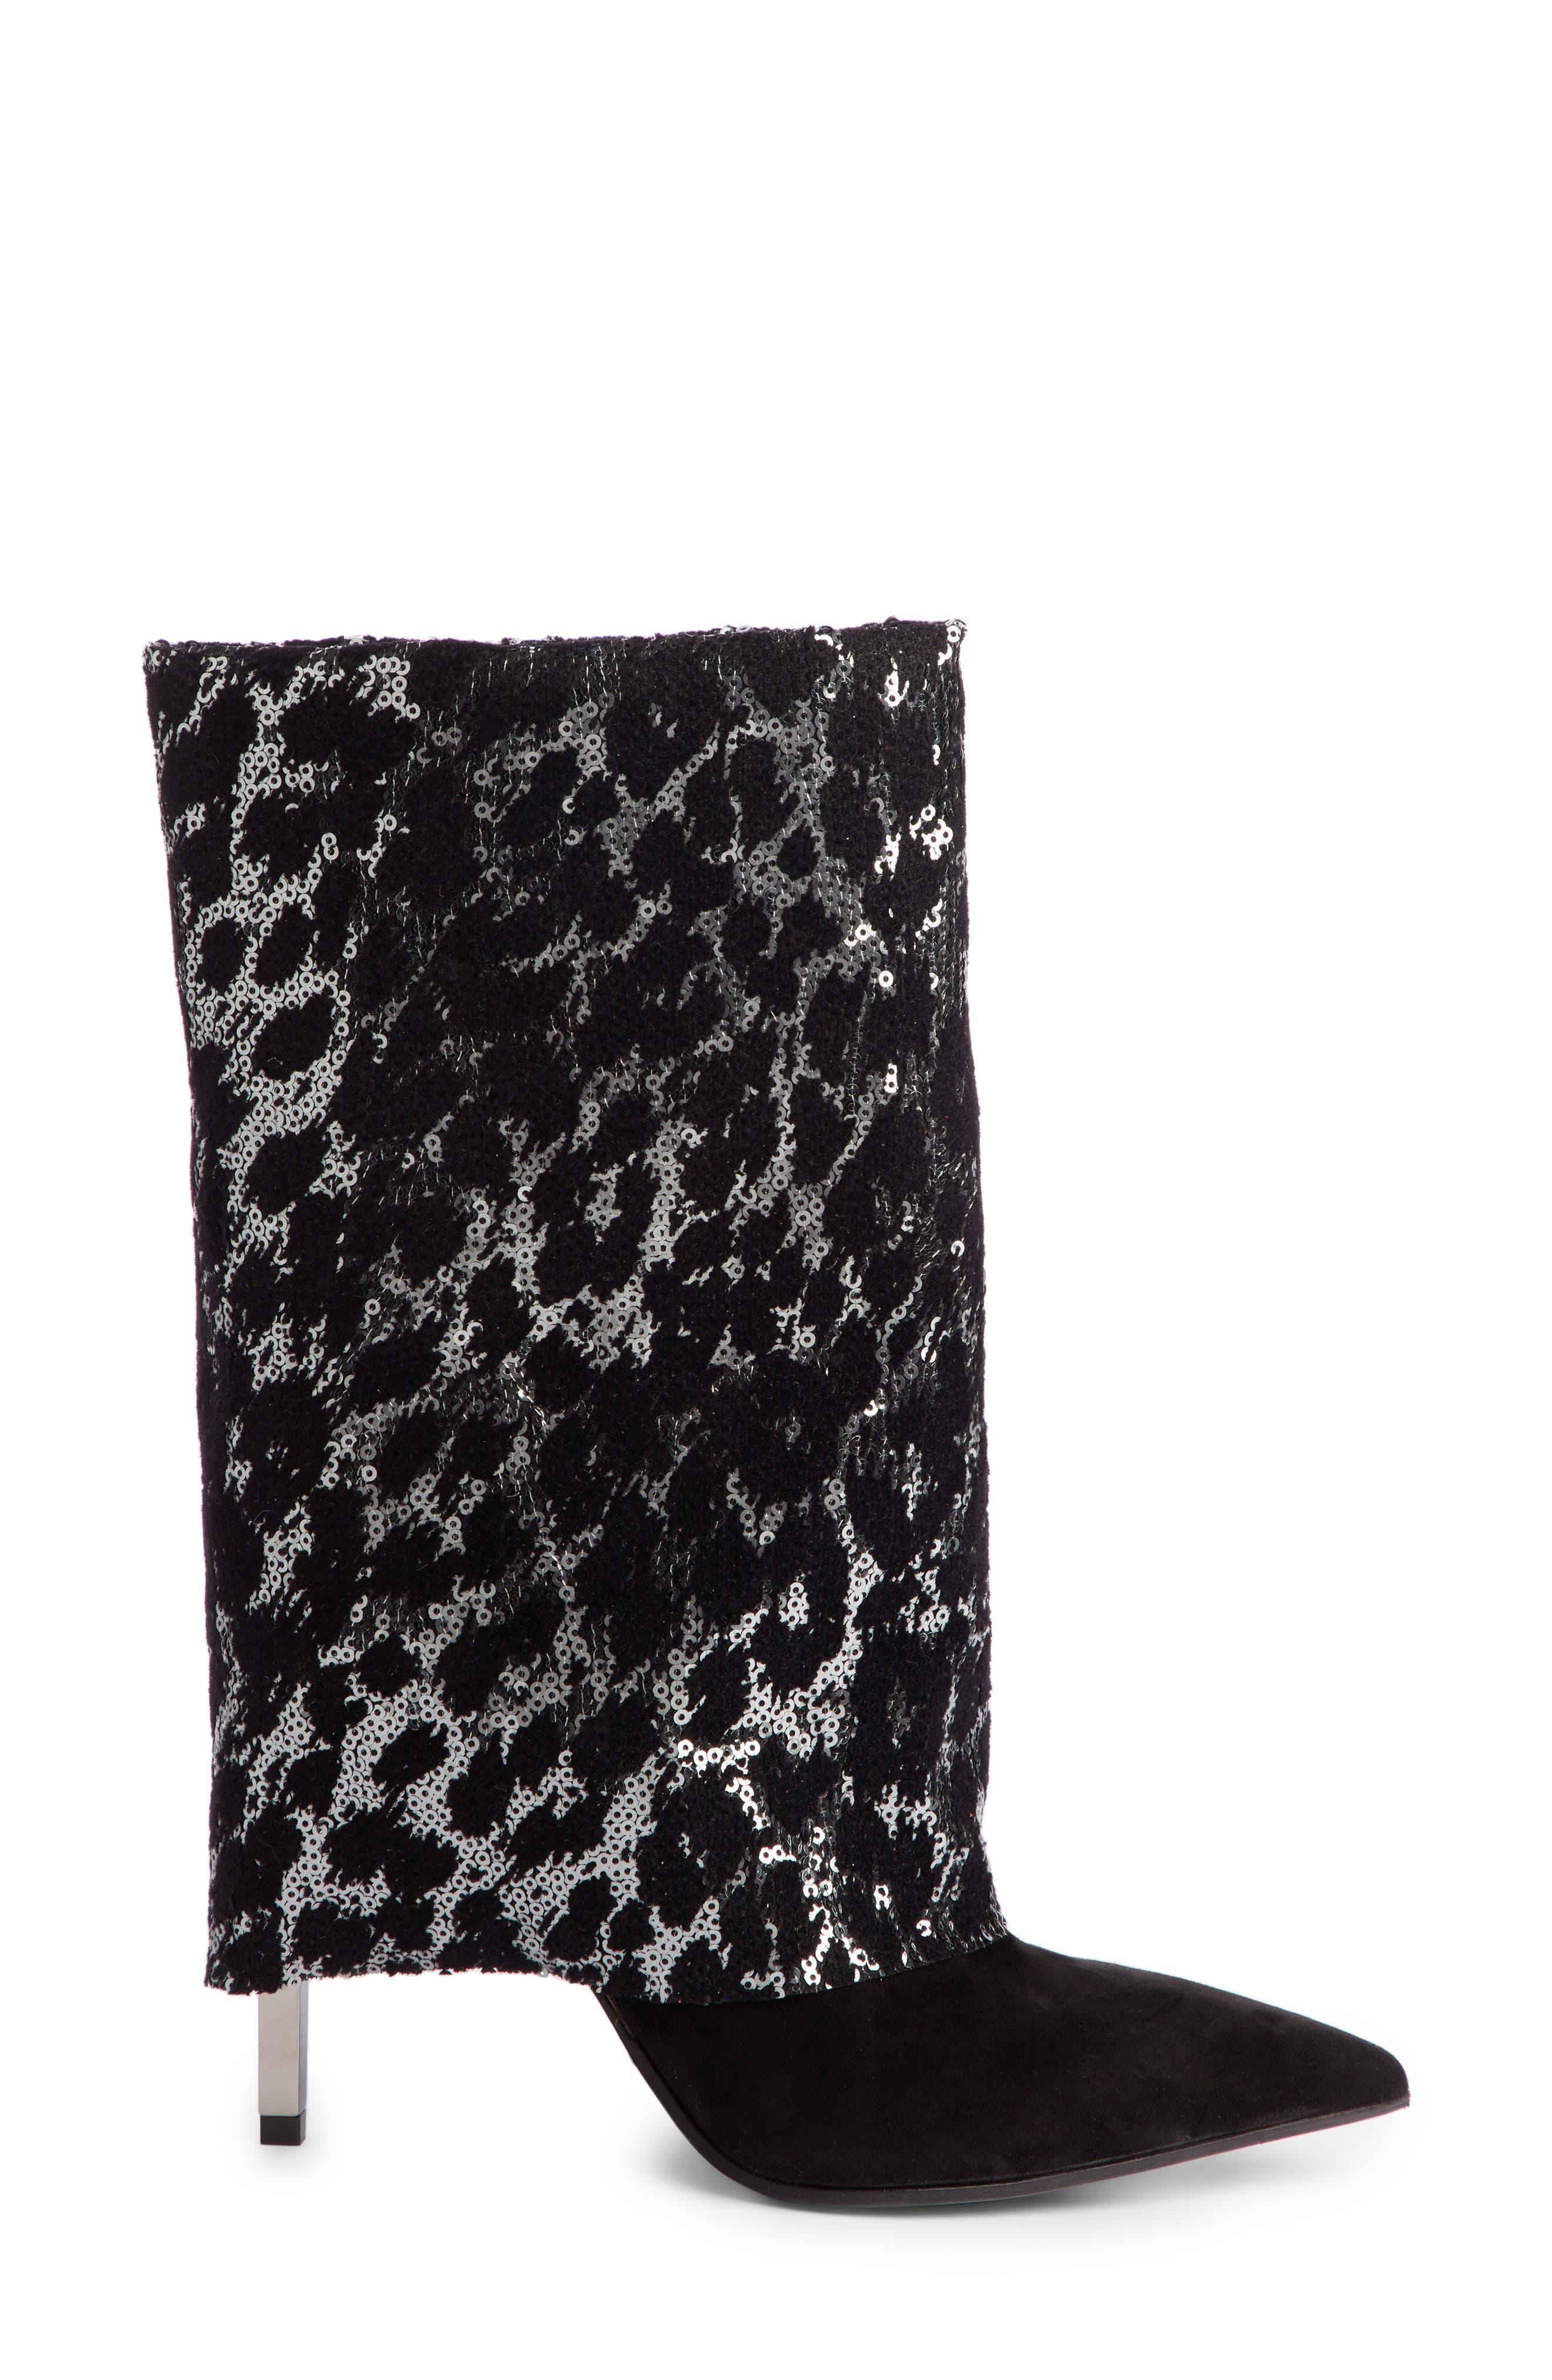 Babette Sequin Leopard Print Bootie,                             Alternate thumbnail 3, color,                             BLACK/ SILVER